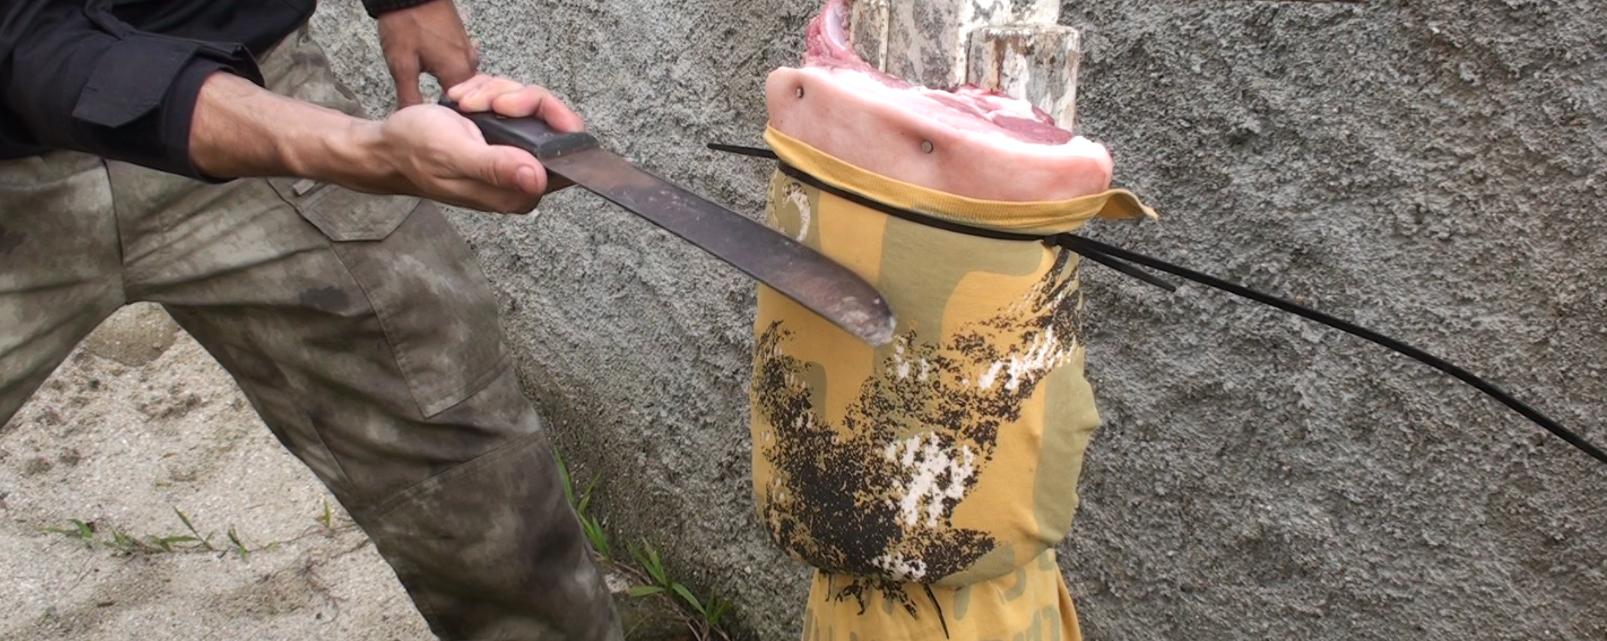 Facão X Carne: O perigo de lâminas grandes em brigas! – Momento Crítico Ep.06